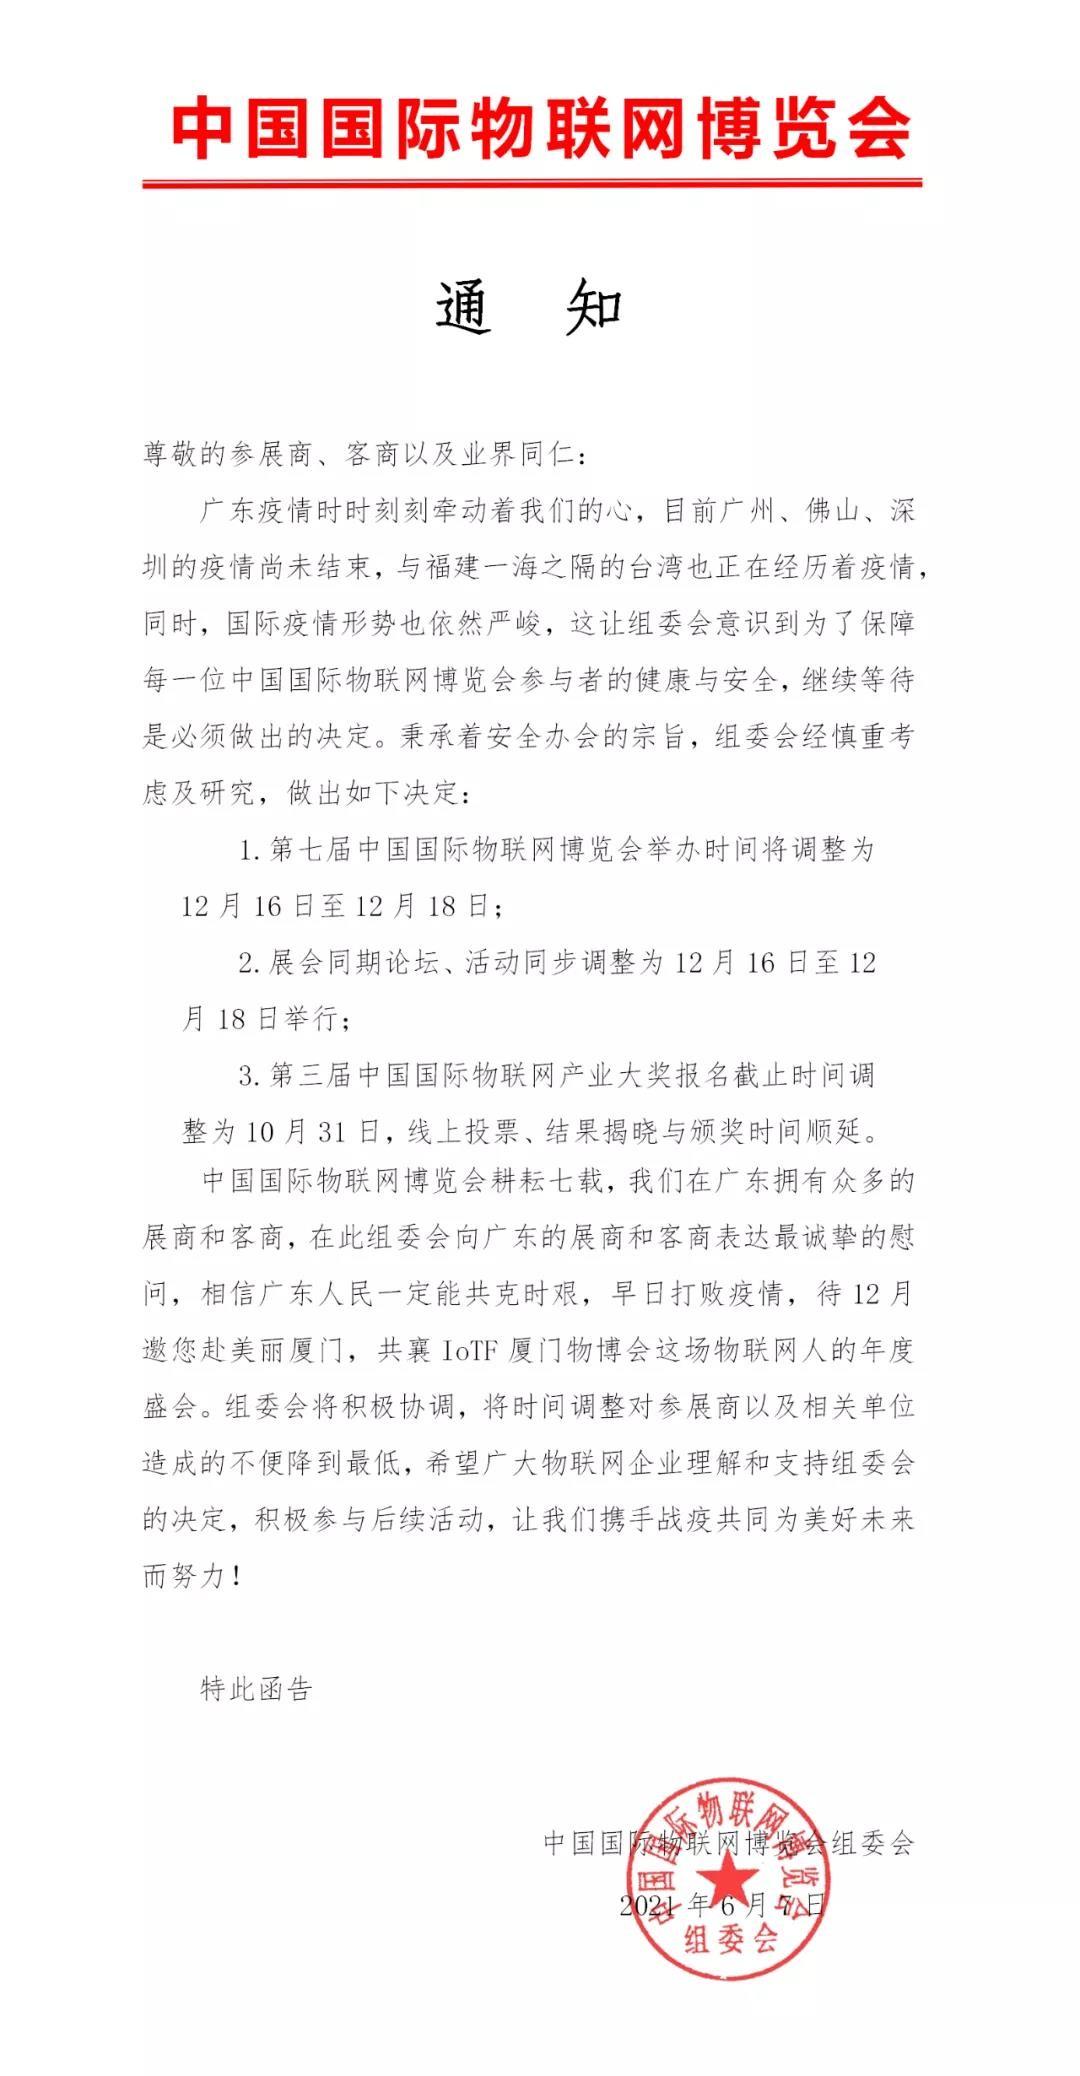 关于第七届中国国际物联网博览会改期的通知